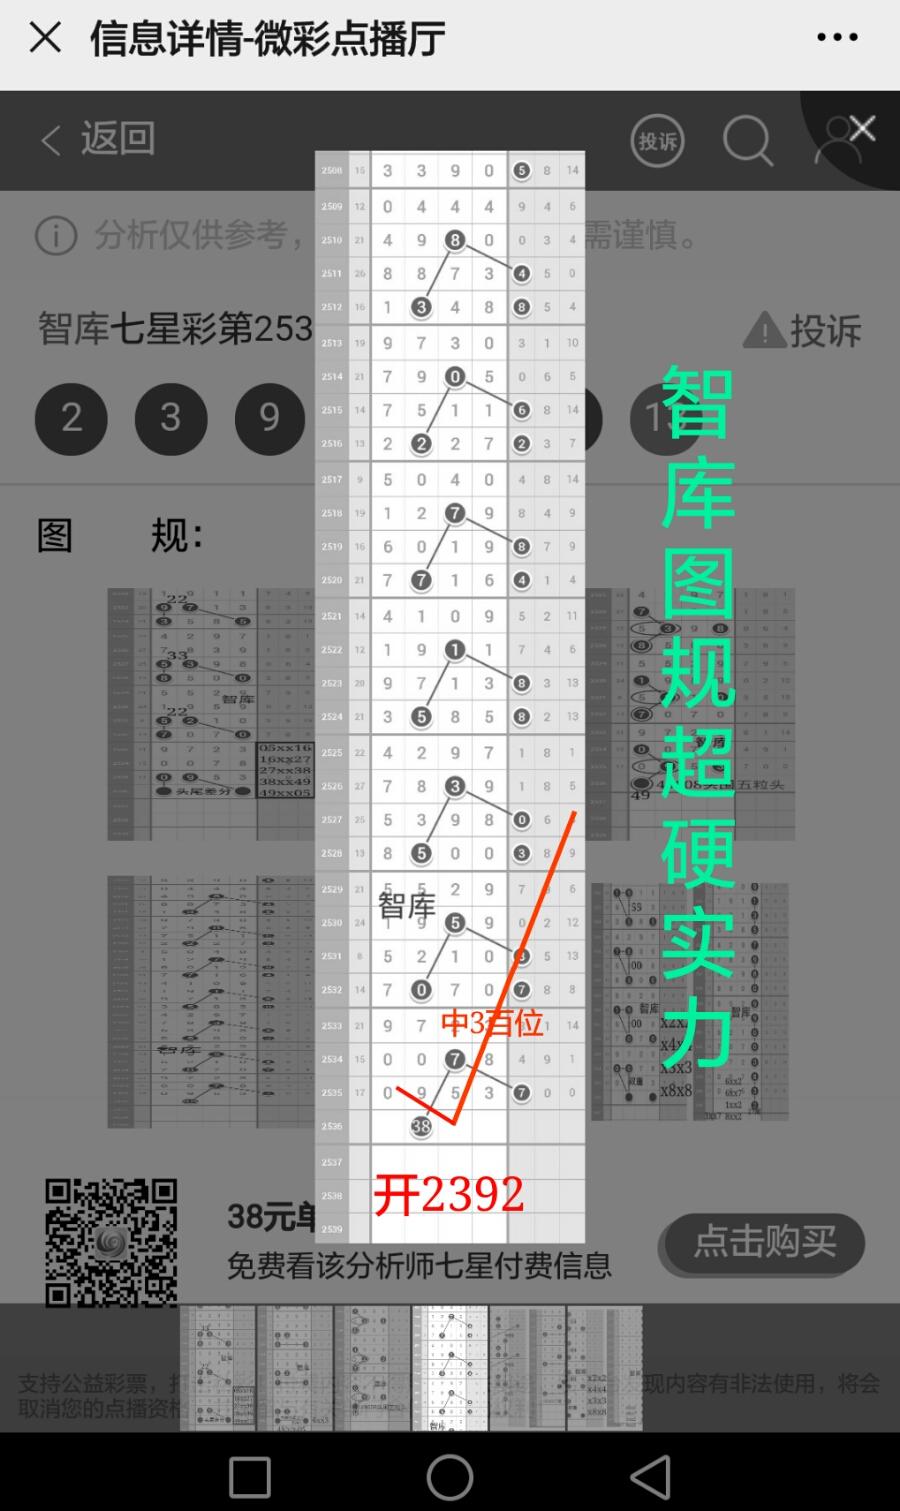 Screenshot_2021-01-12-20-34-23.jpg